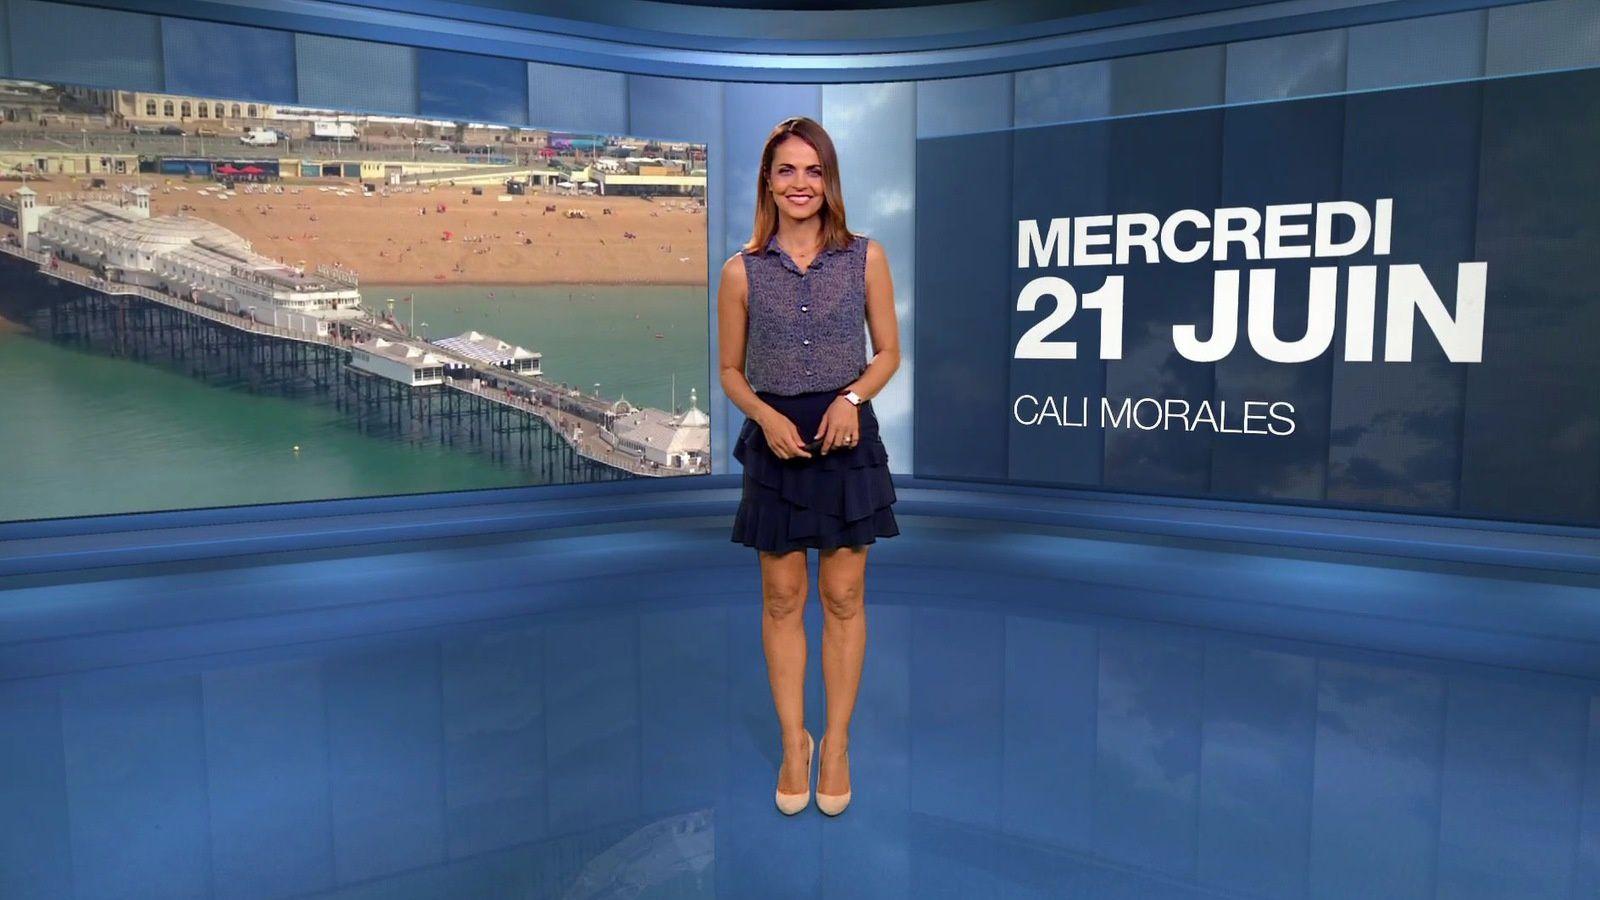 📸4 📺1 LA METEO et LA METEO DES PLAGES de CAROLINE 'CALI' MORALES ce soir sur M6 #vuesalatele